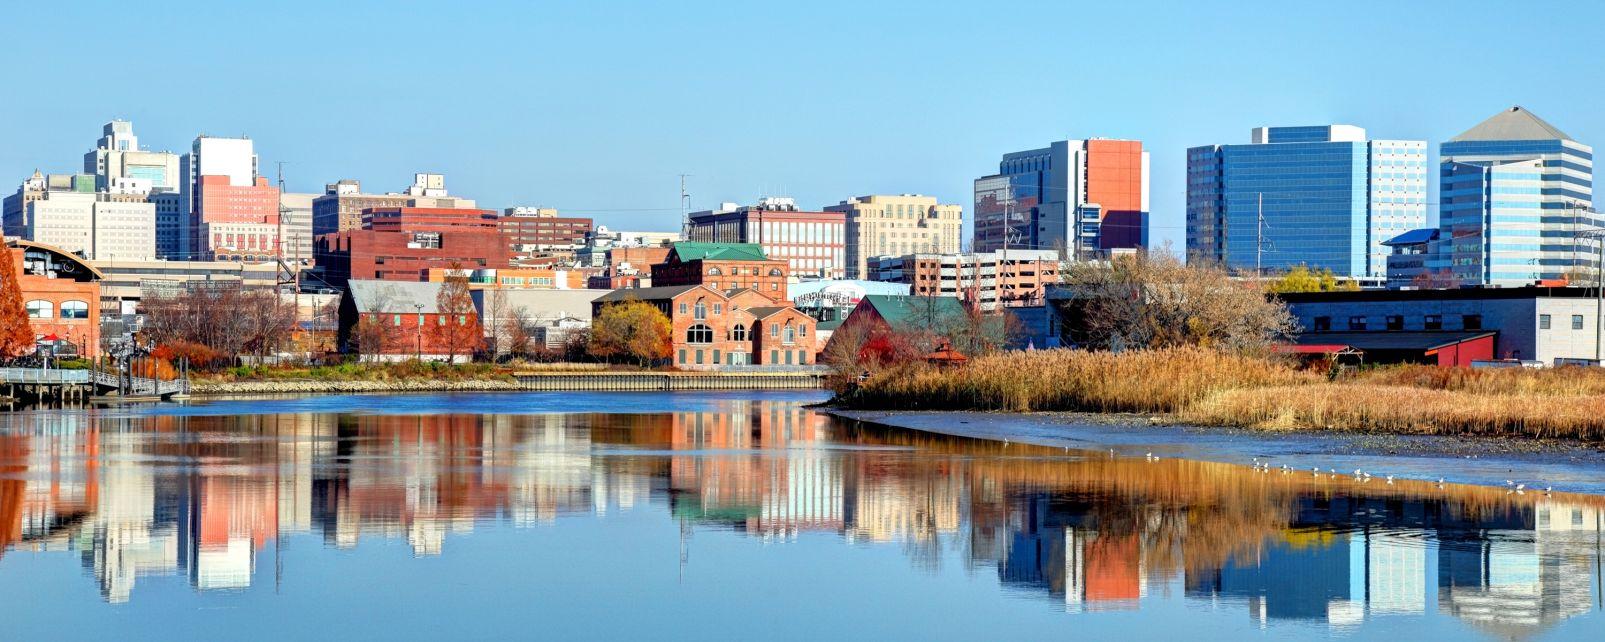 Wilmington, Le sud des Etats-Unis, Etats-Unis, Wilmington, Delaware